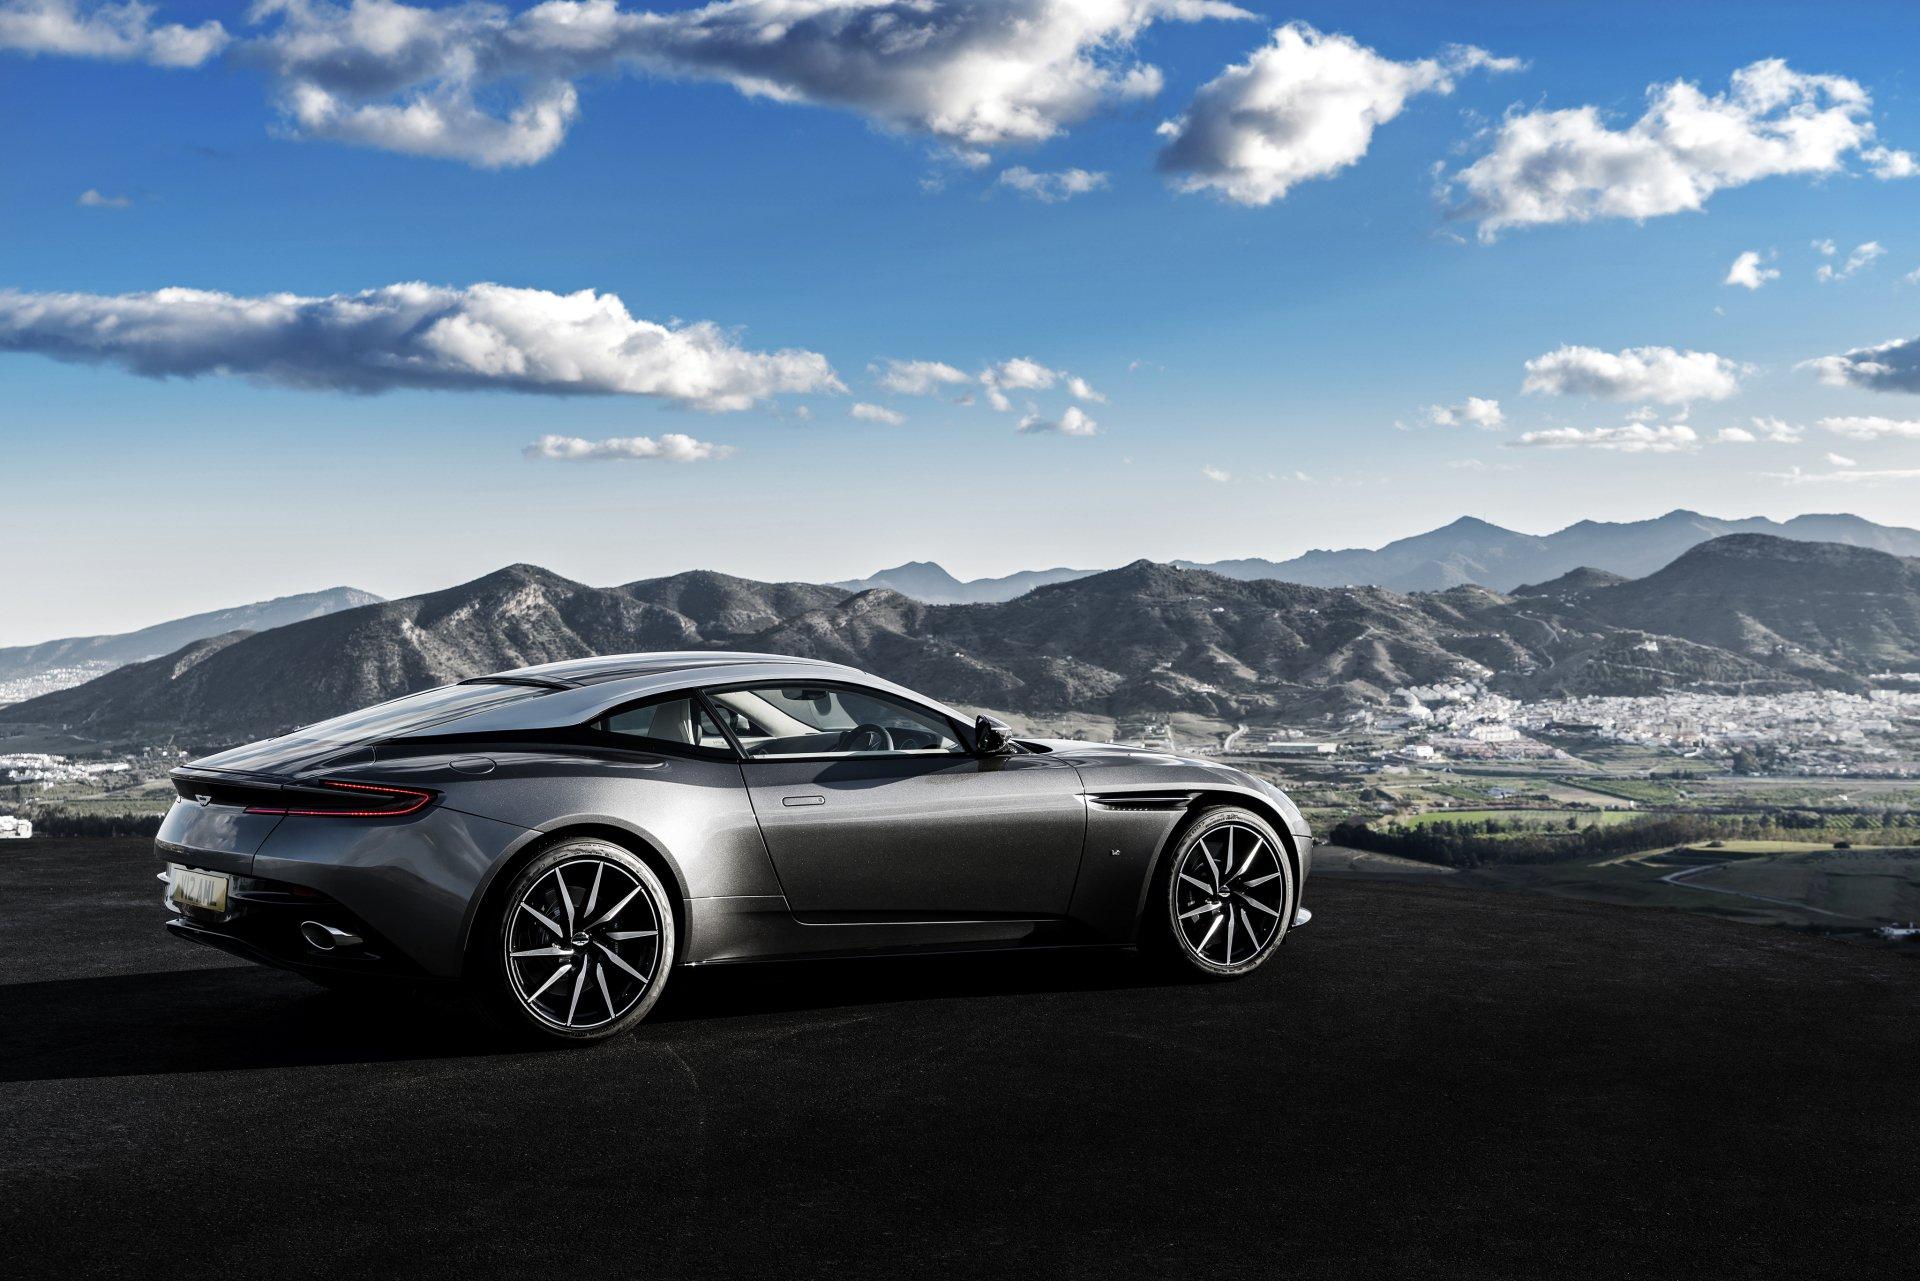 Aston Martin DB11 4k Ultra Fond d'écran HD | Arrière-Plan | 4096x2732 | ID:709656 - Wallpaper Abyss